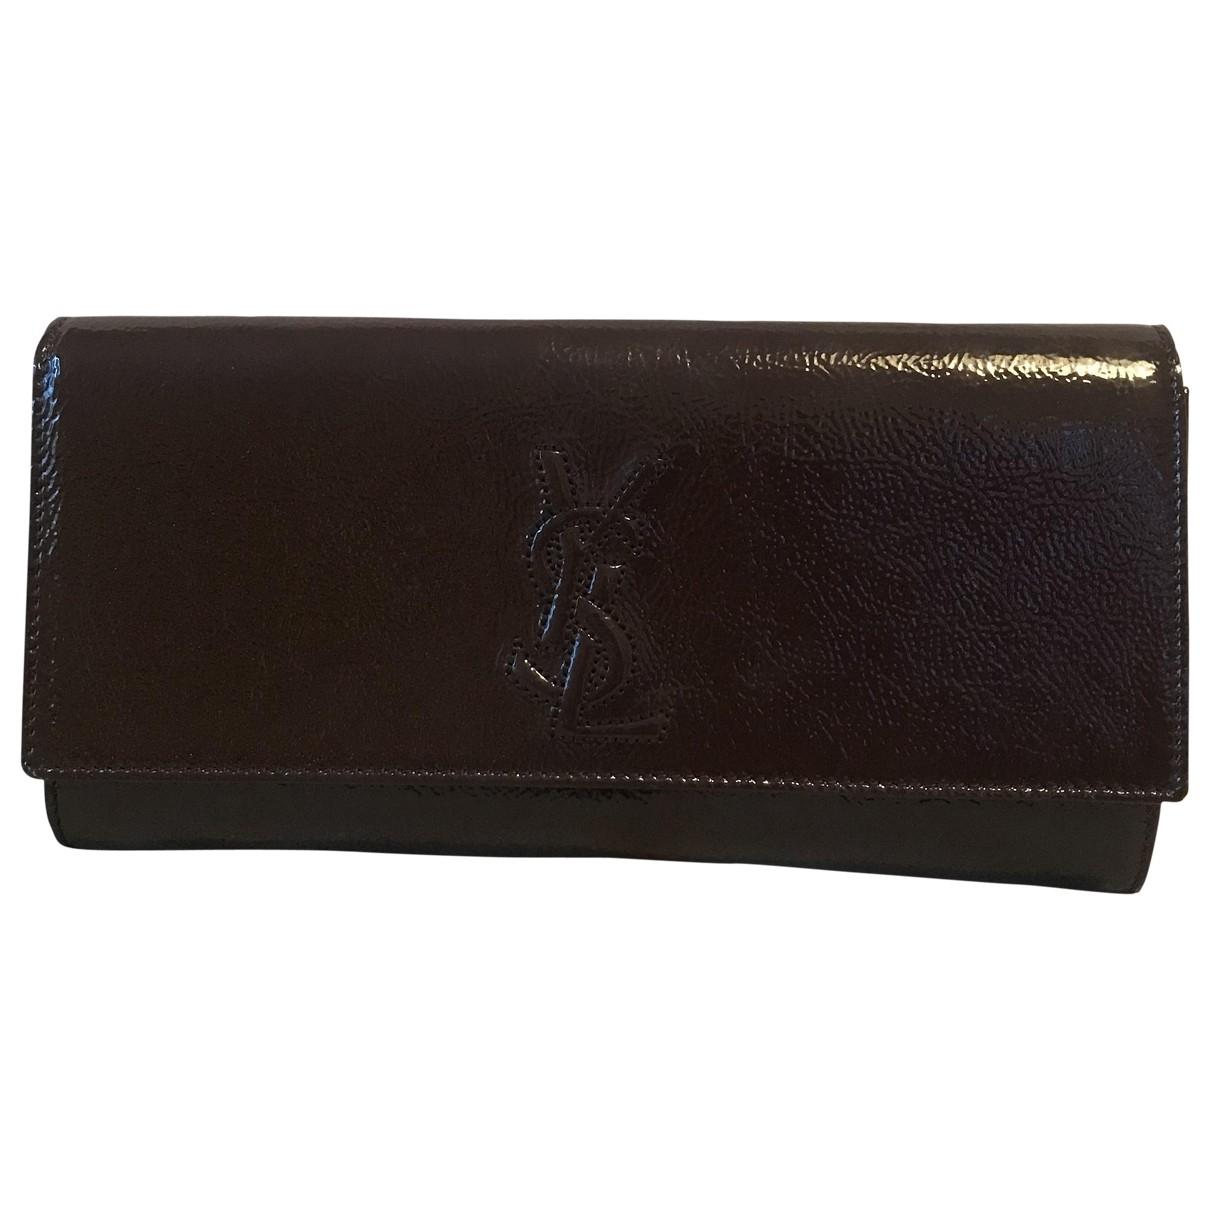 Yves Saint Laurent Belle de Jour Burgundy Patent leather Clutch bag for Women \N